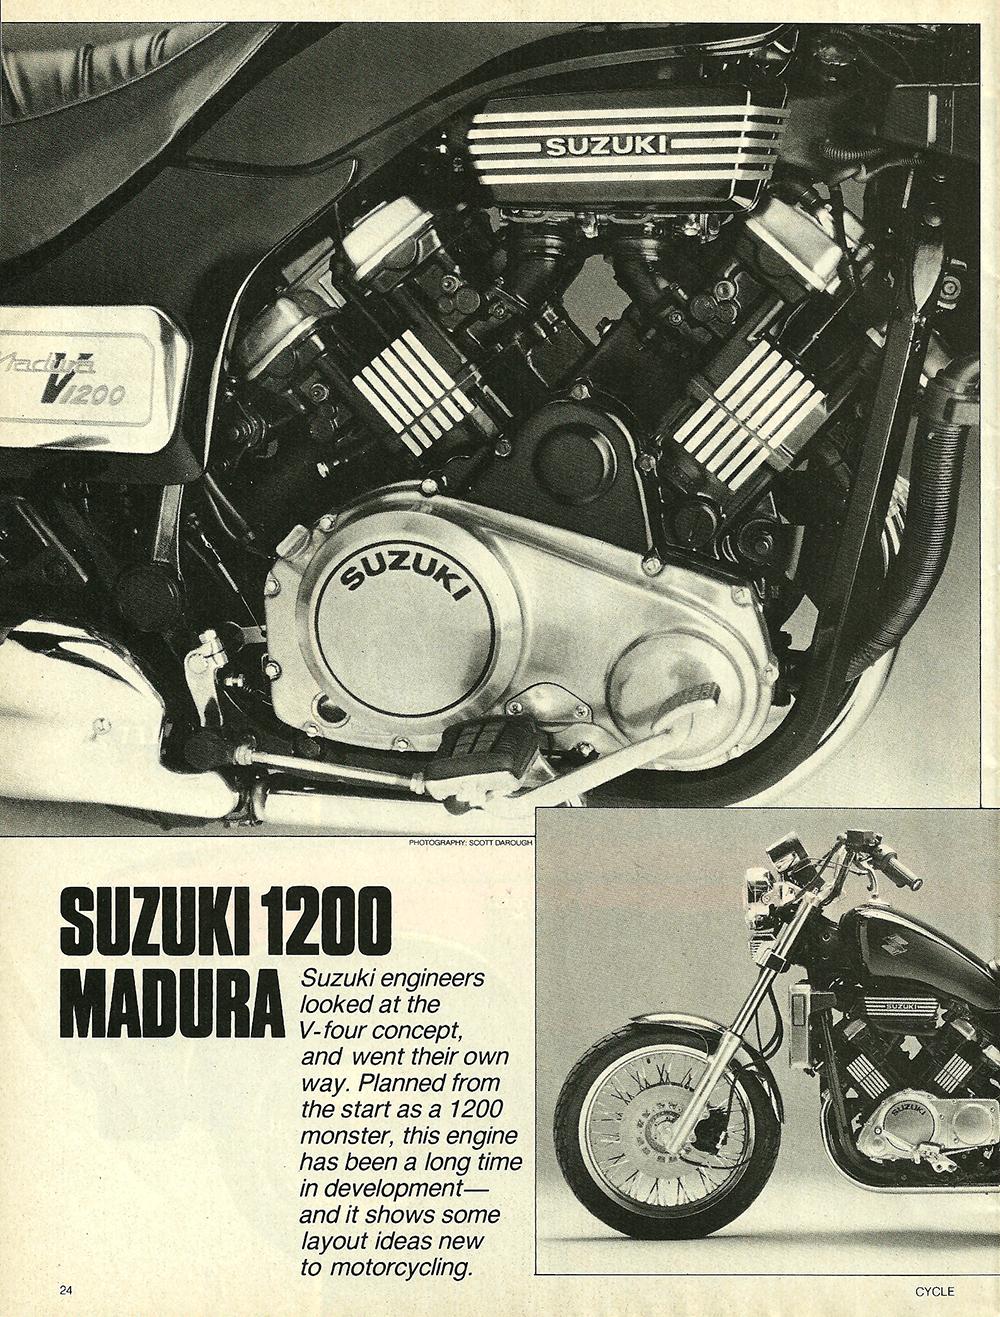 1984 Suzuki Madura 1200 road test 1.jpg